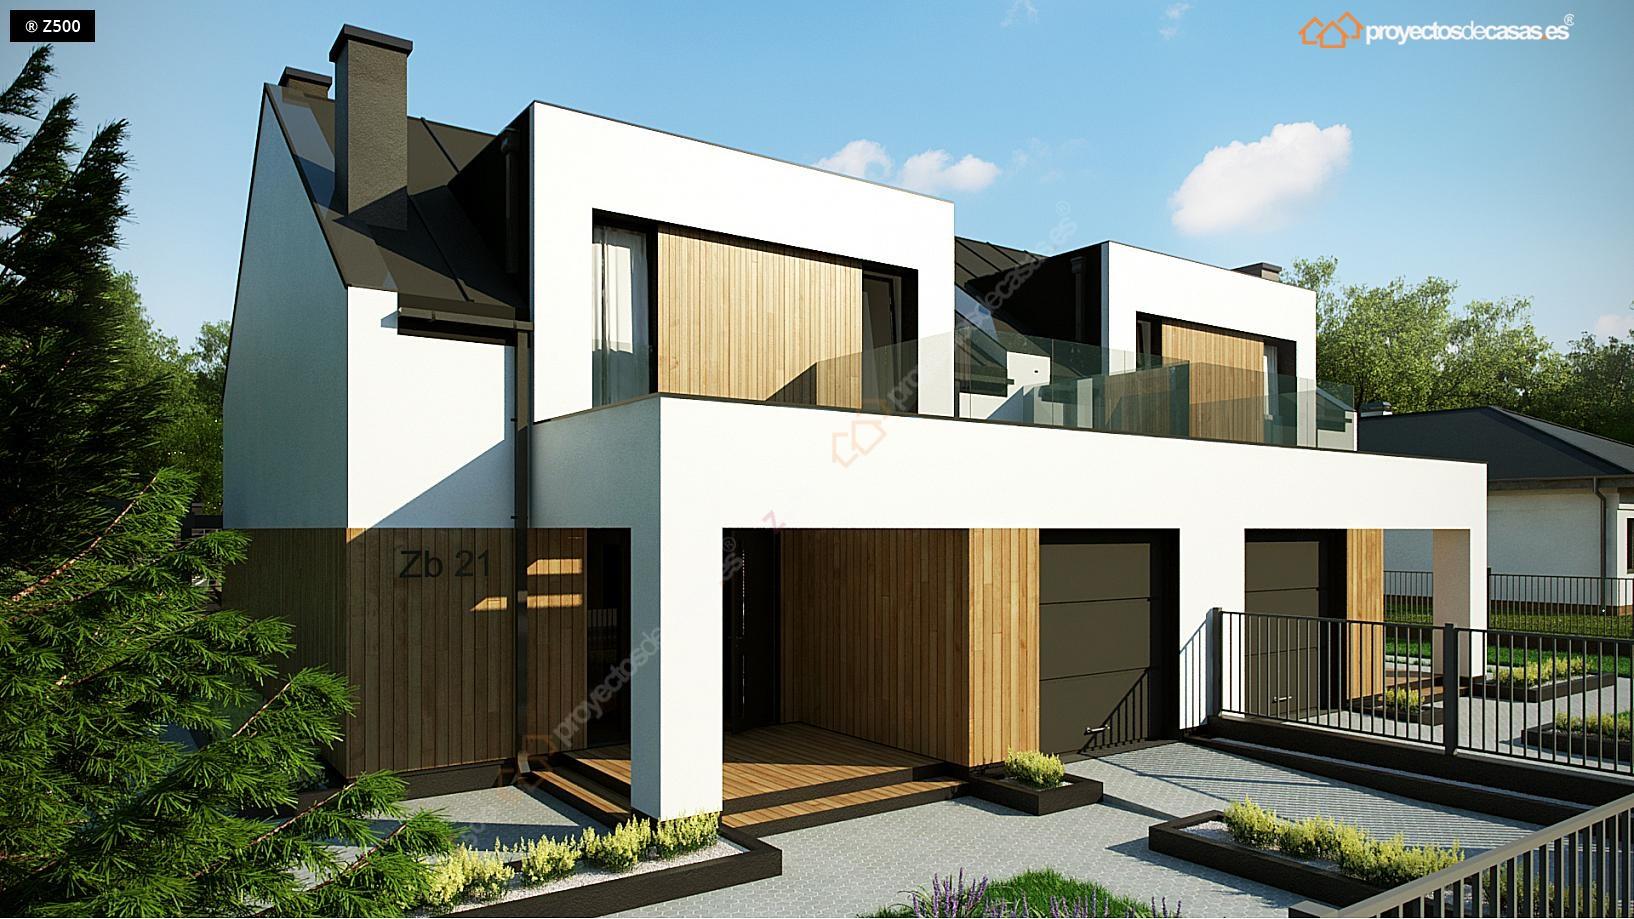 Proyectosdecasas dise amos y construimos casas en toda - Casas minimalistas en espana ...